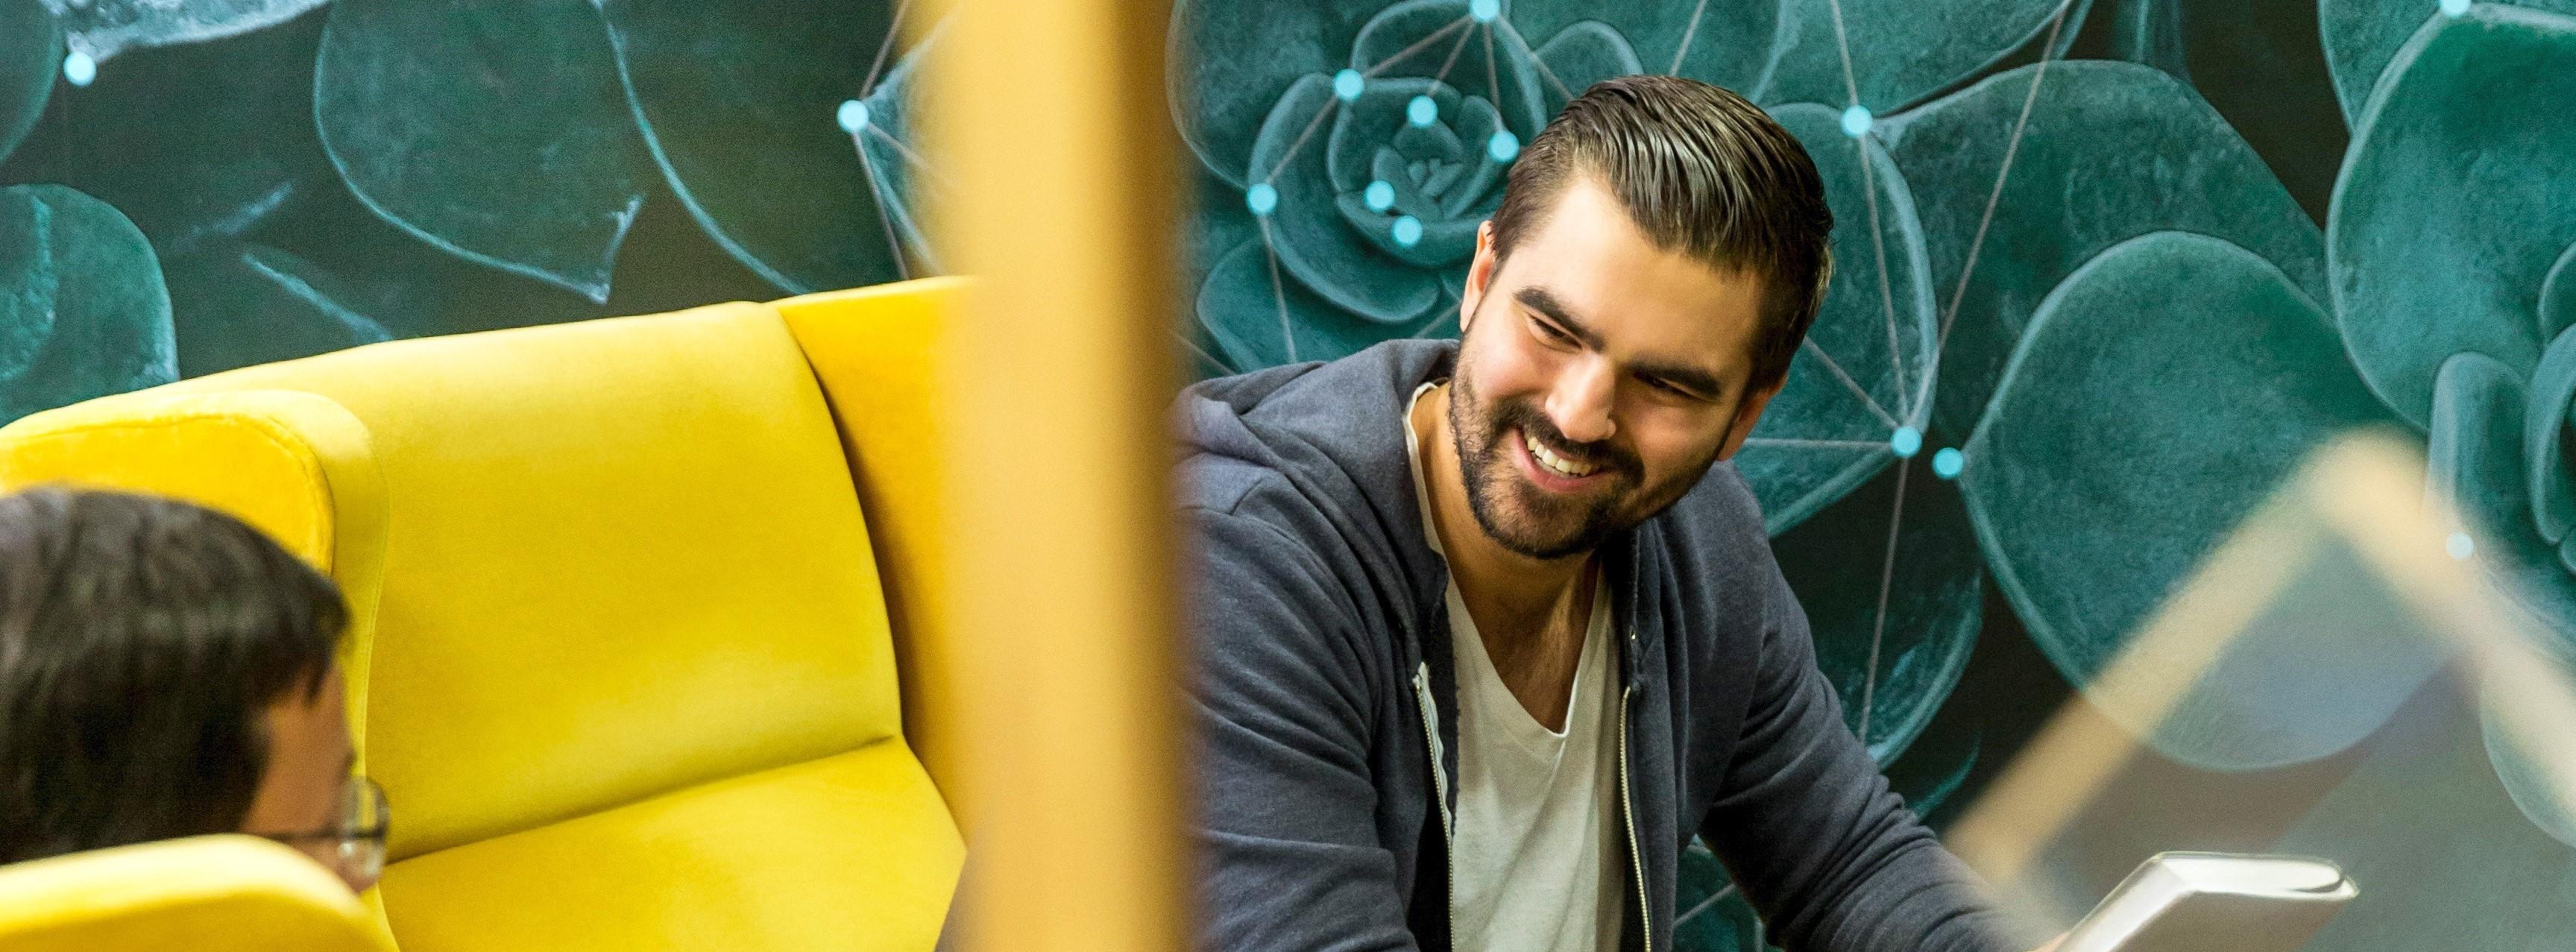 فهرست ۷ دوره برتر کارآموزی برنامه نویسی در ایران